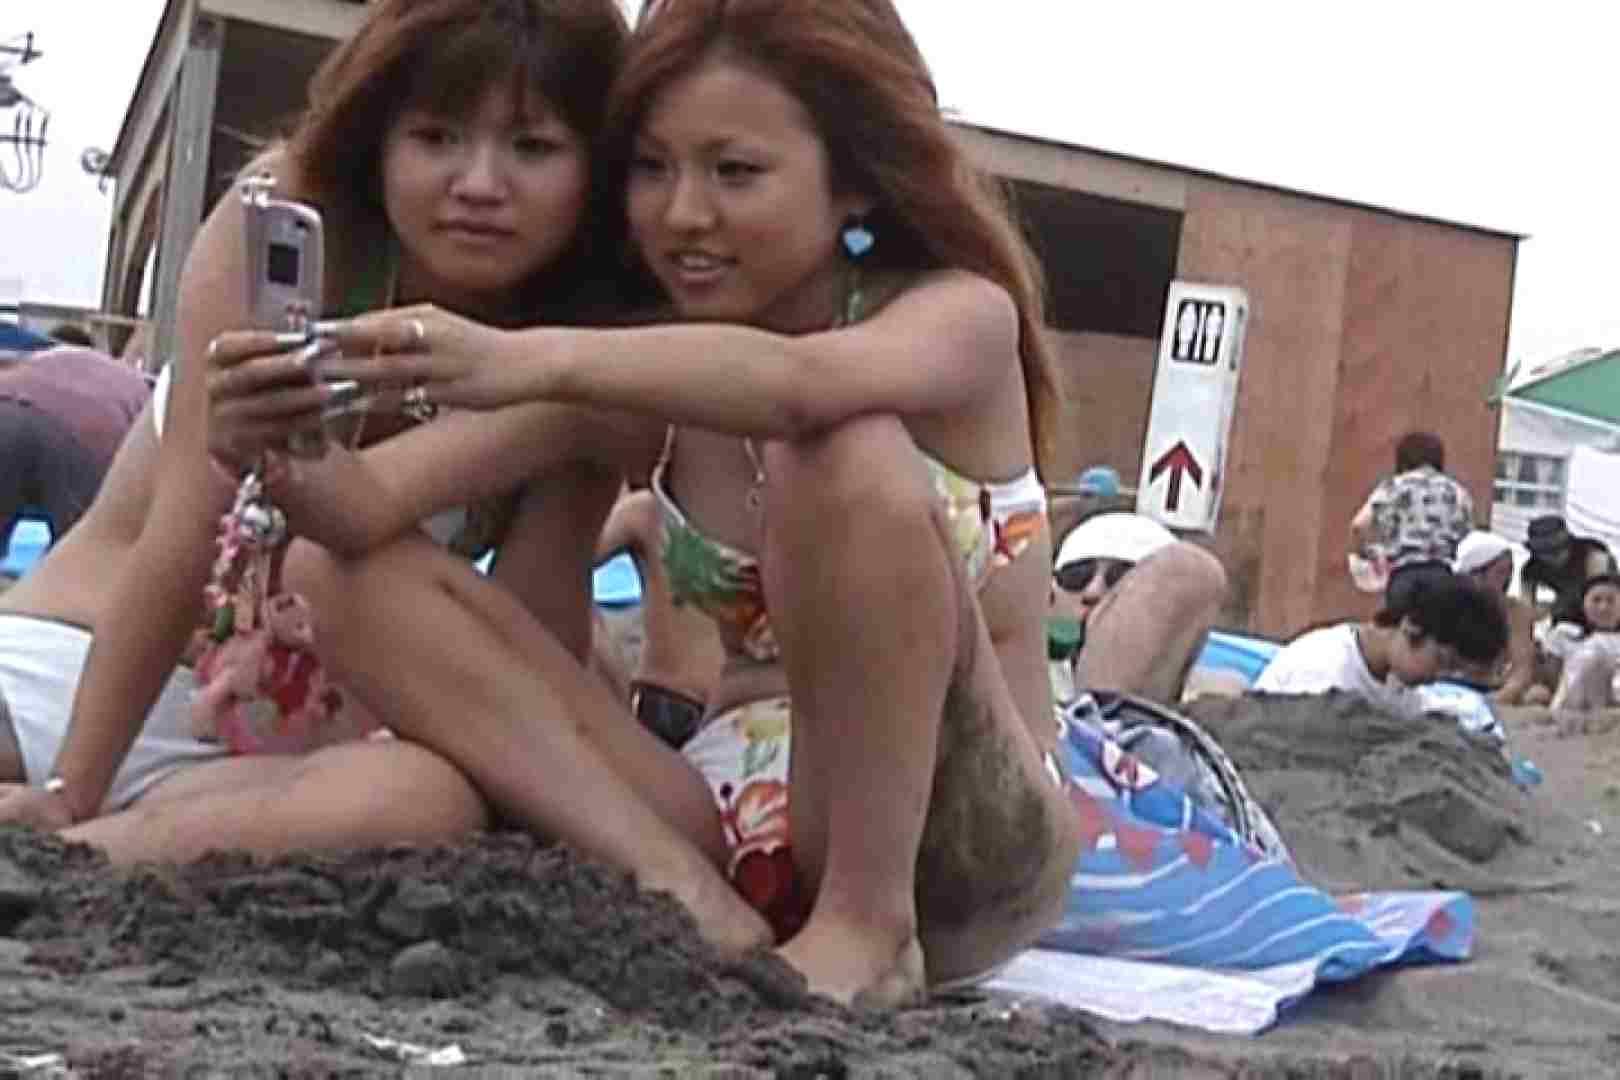 ビーチで起きたあなたの知らない世界!!Vol.7 巨乳 盗撮オメコ無修正動画無料 50画像 35